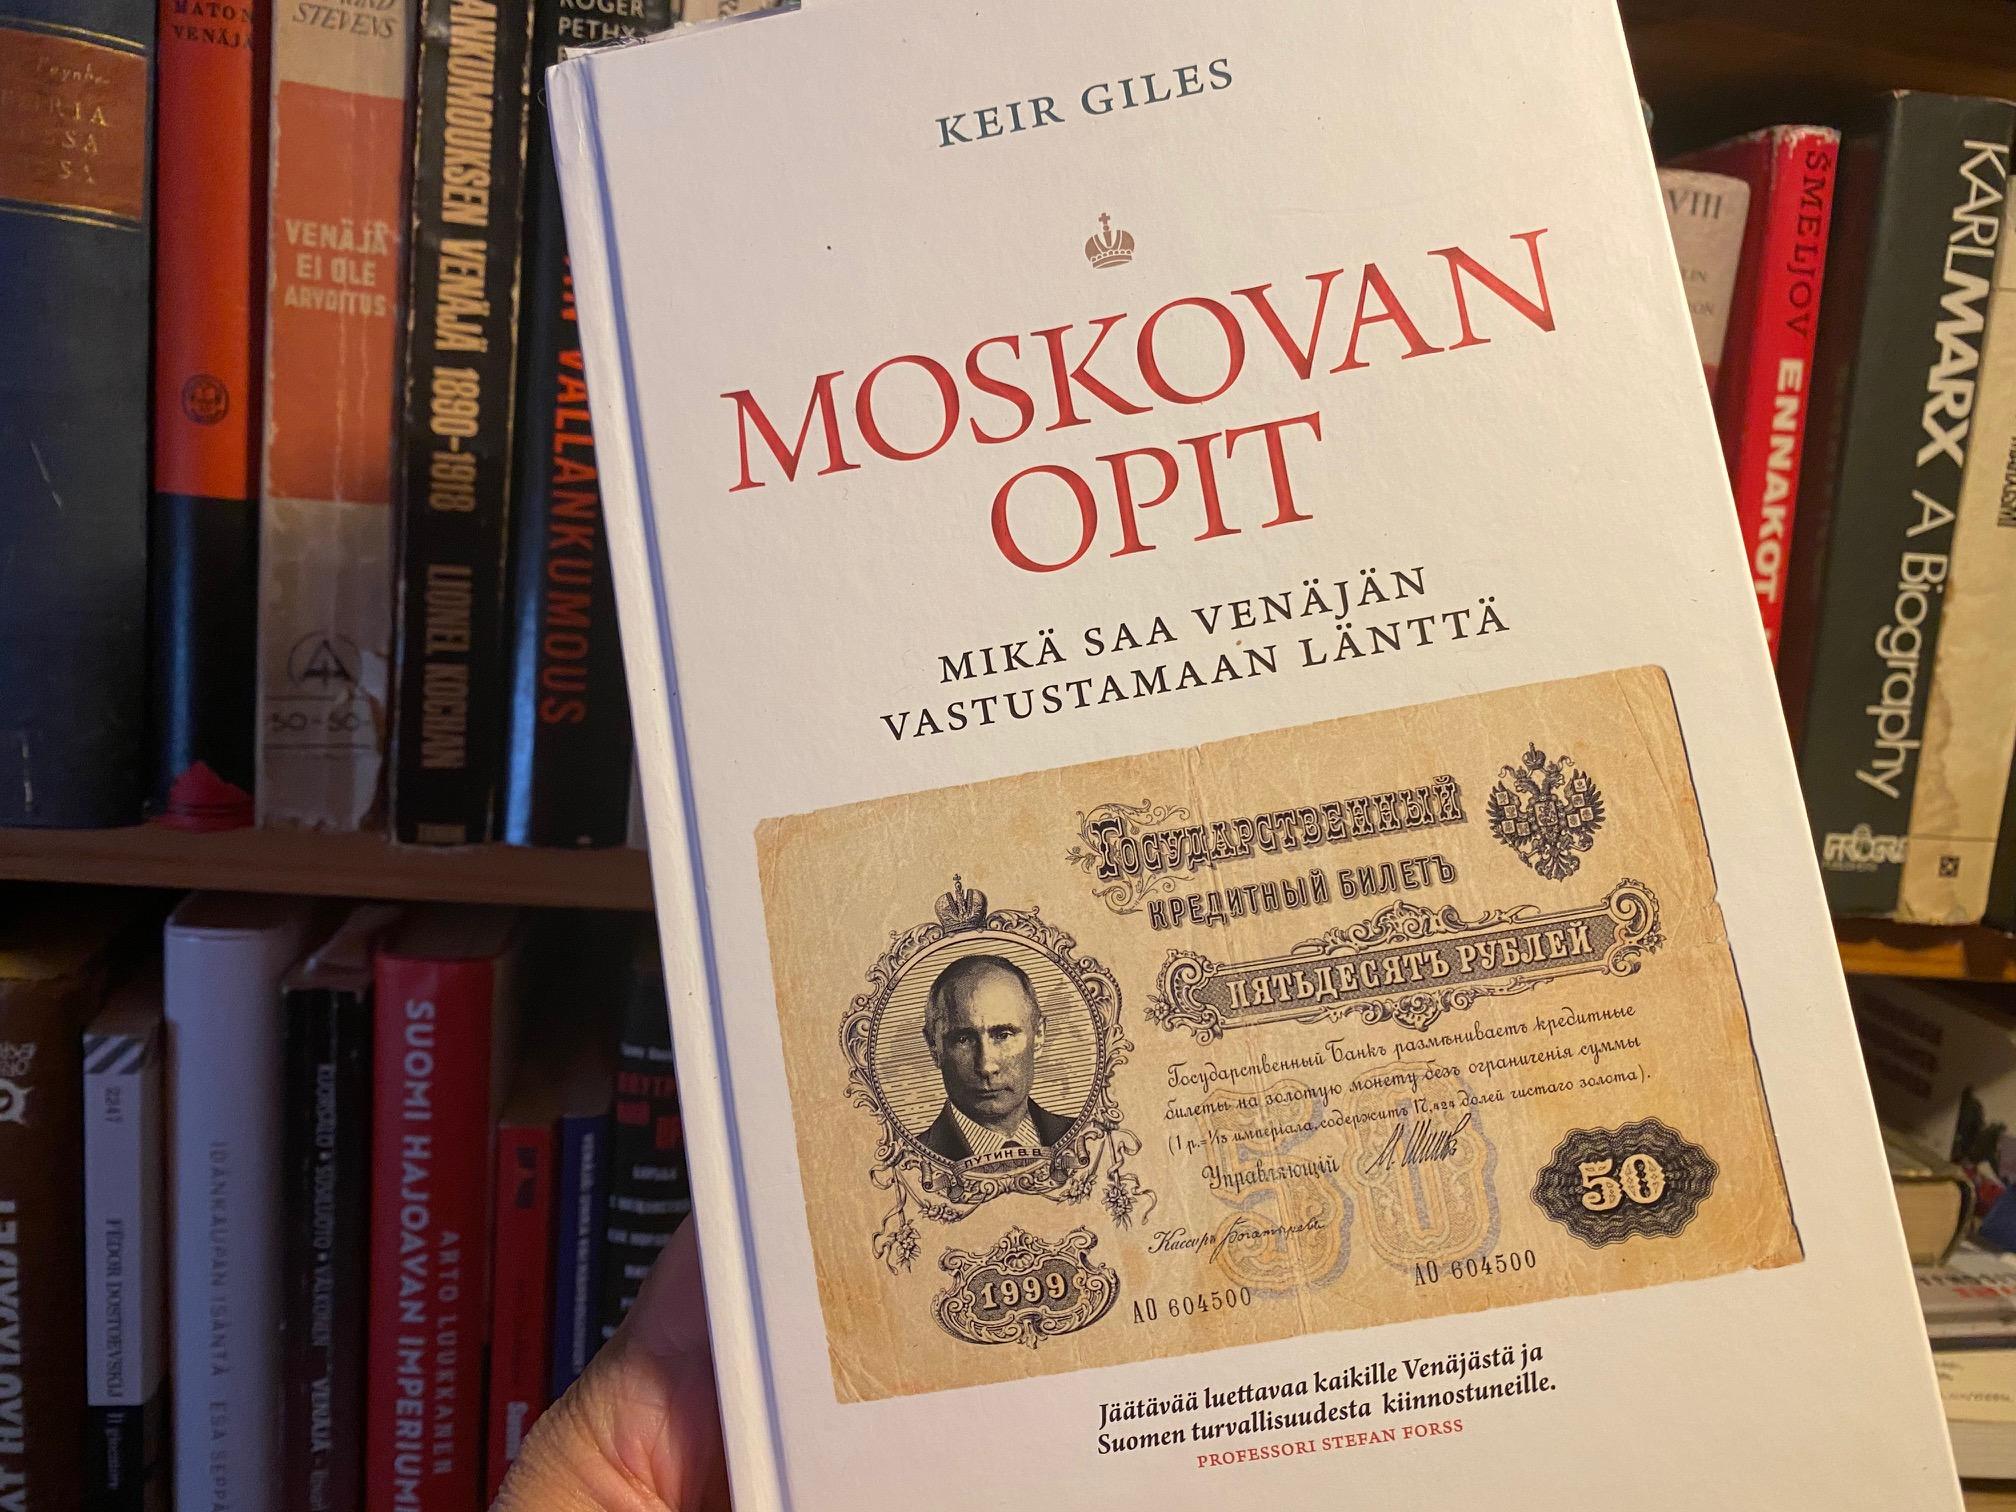 Kirja-arvio: Keir Giles – Moskovan opit